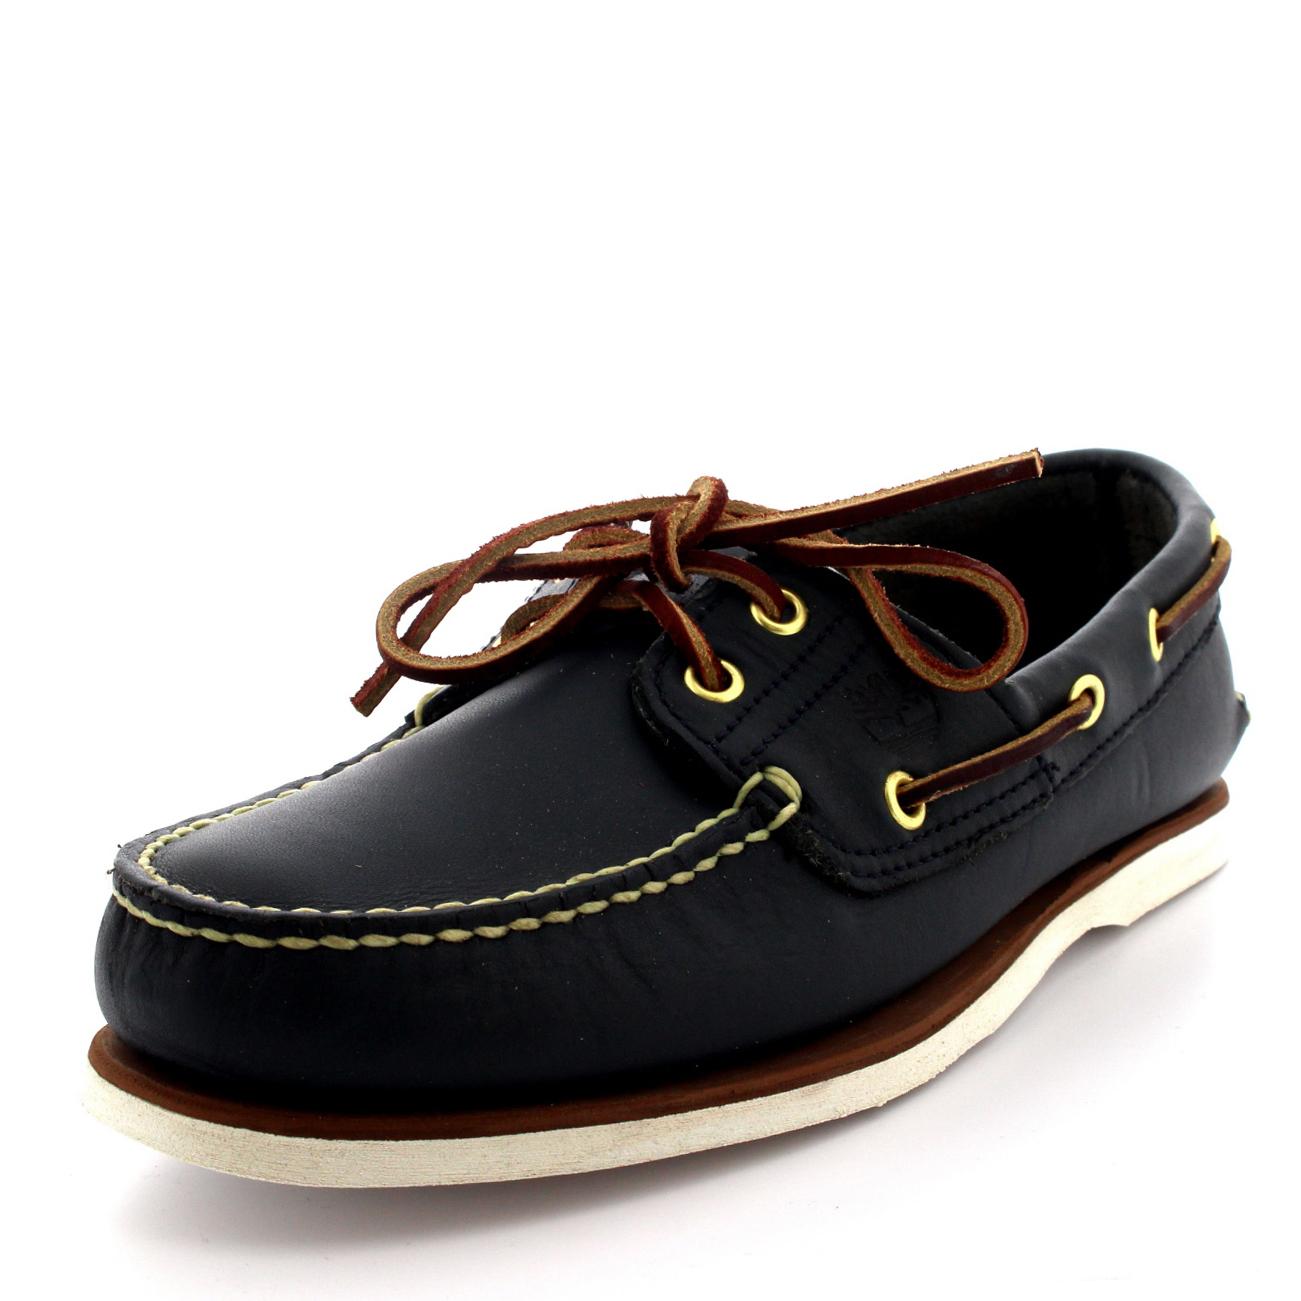 Timberland Shoe Sizes M M